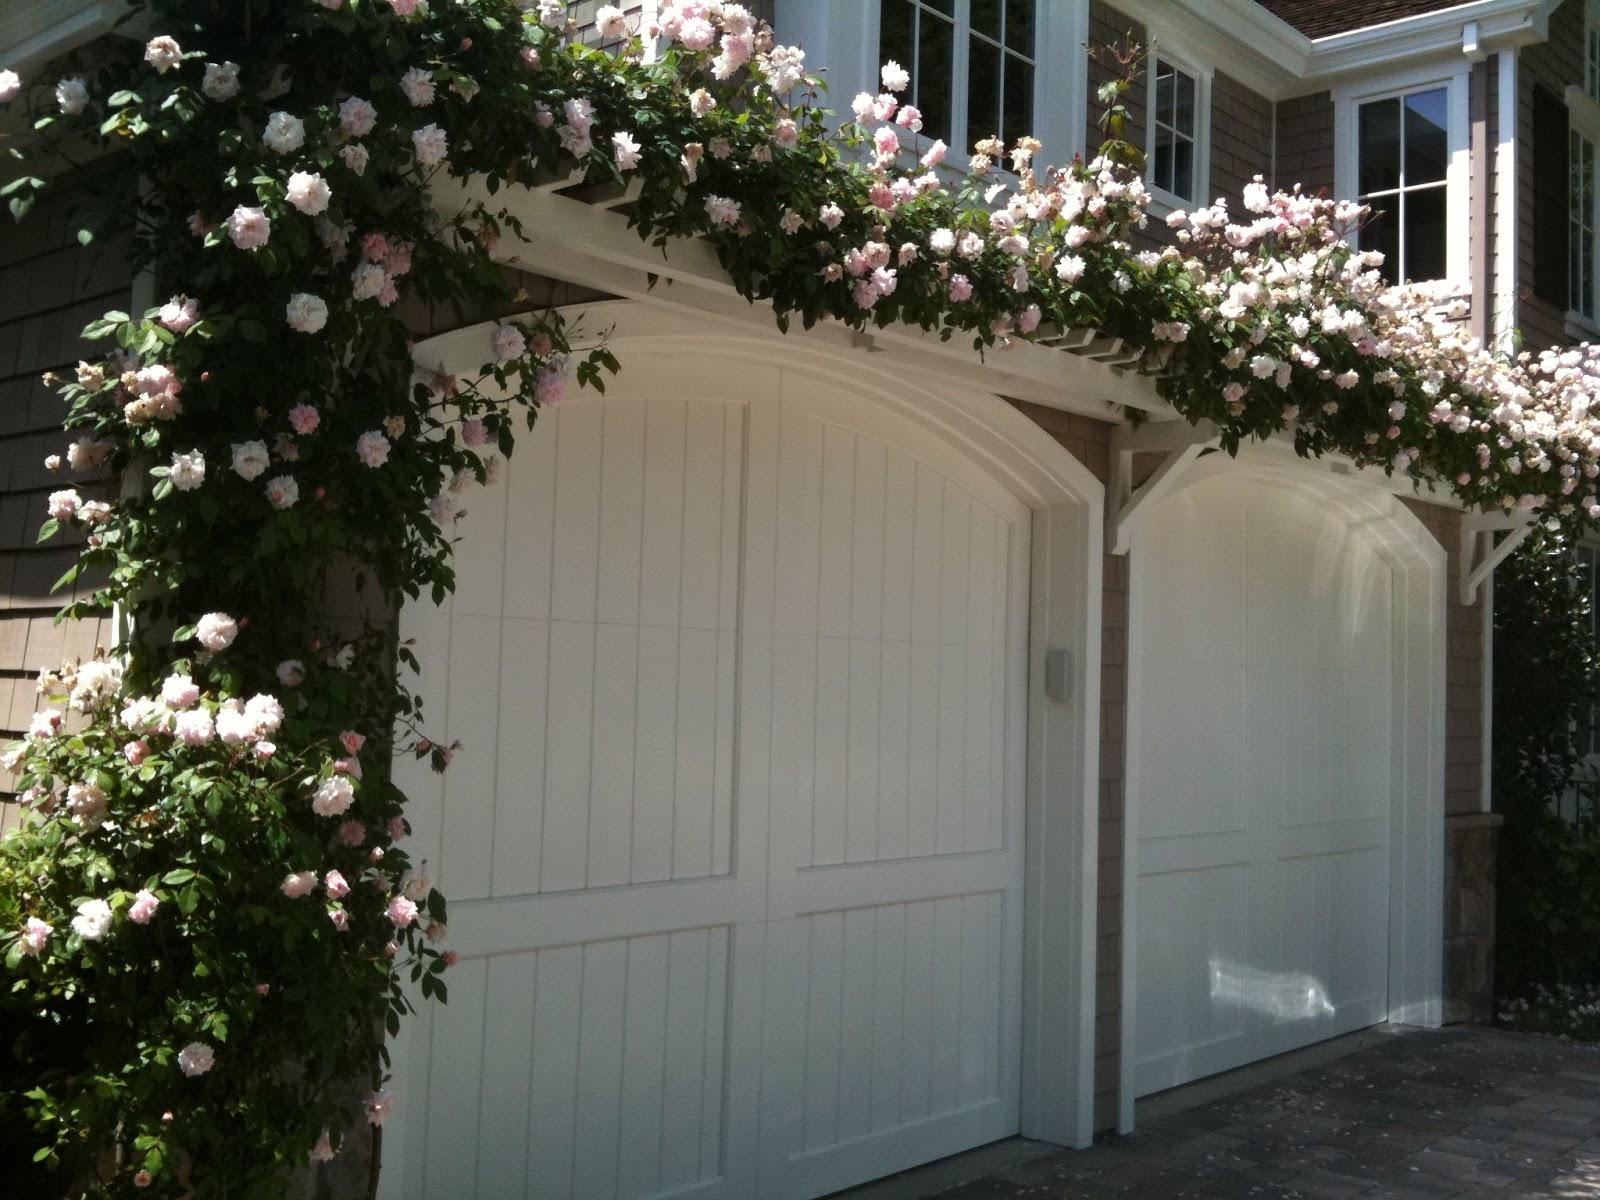 Trellis over garage door - May